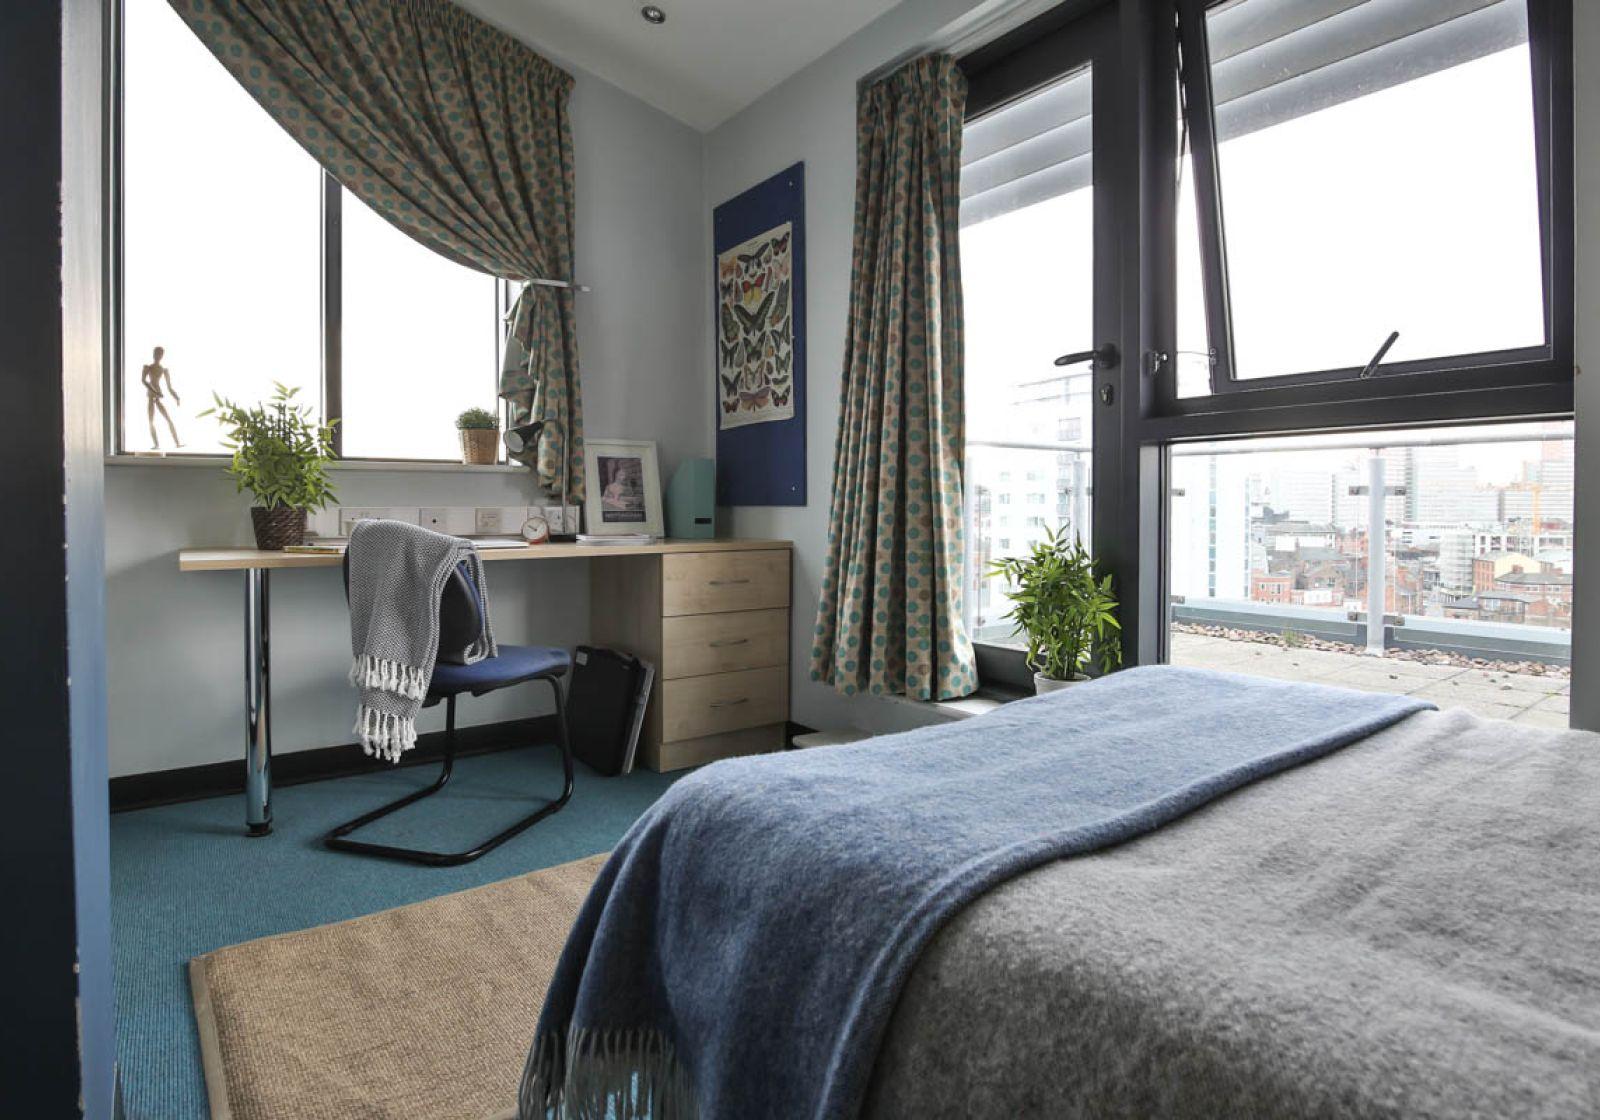 Penthouse en suite nottingham exchange iq student accommodation